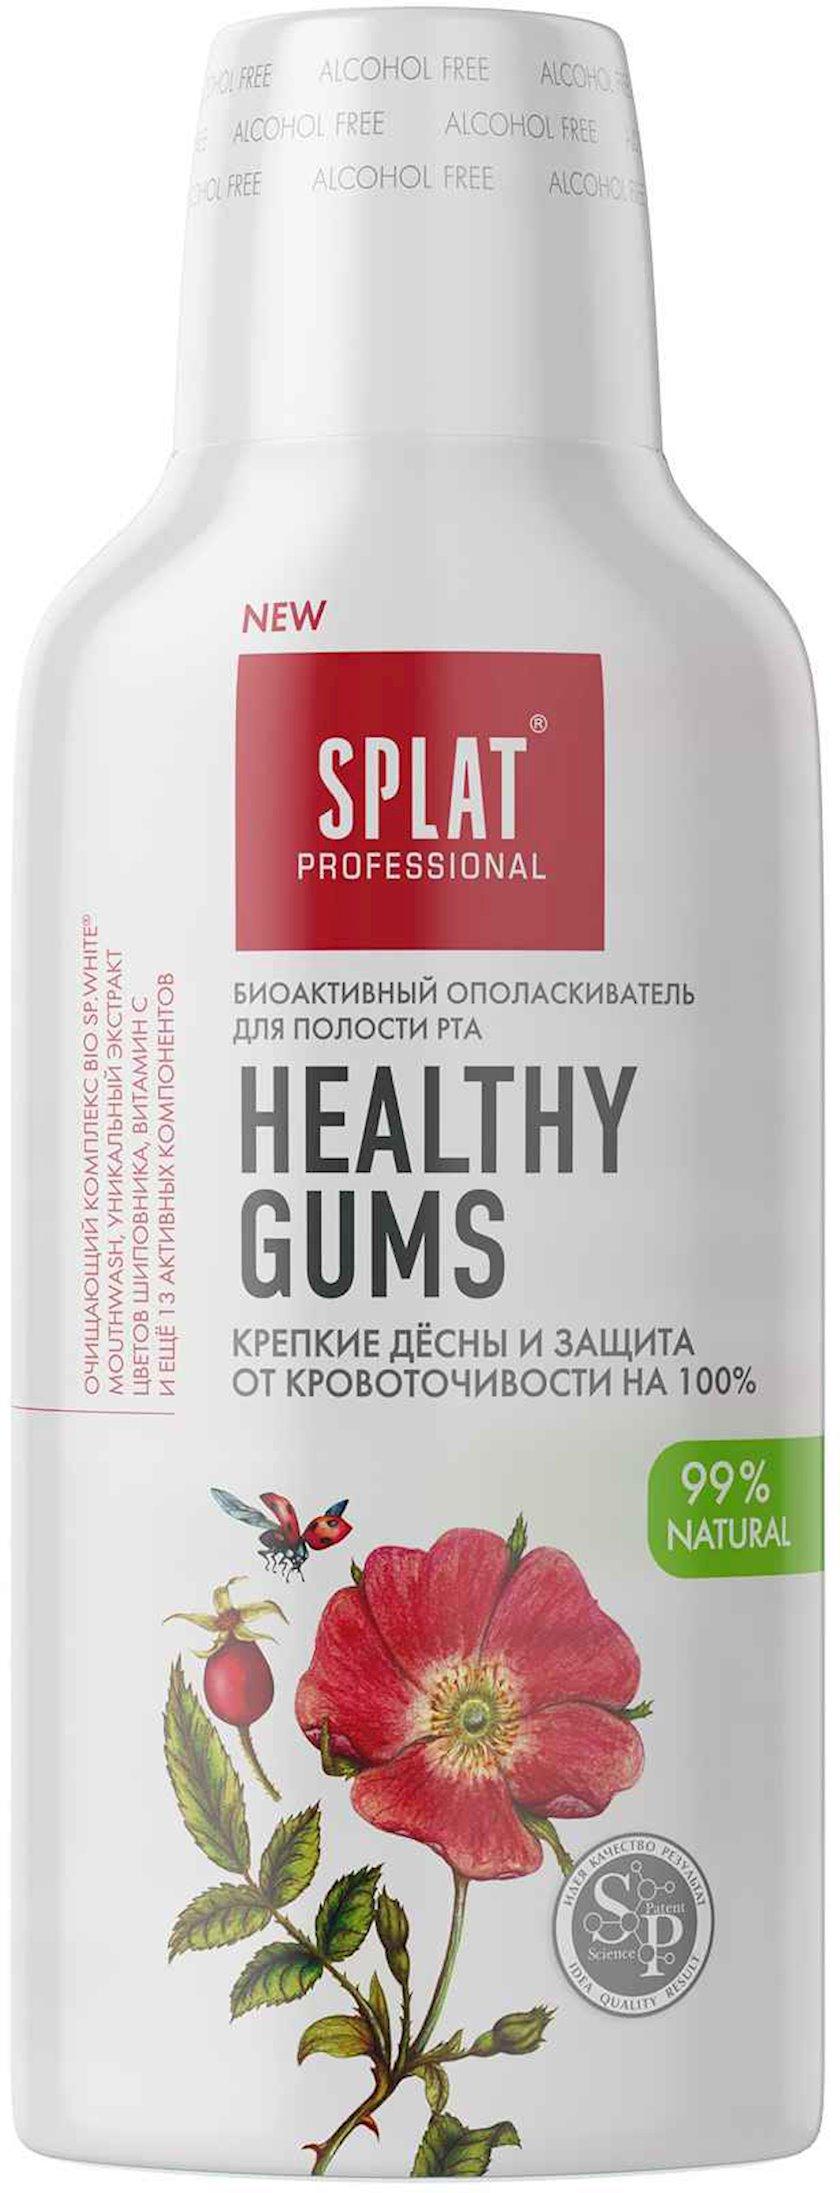 Ağız boşluğu üçün yaxalayıcı Splat Healthy Gums 275 ml